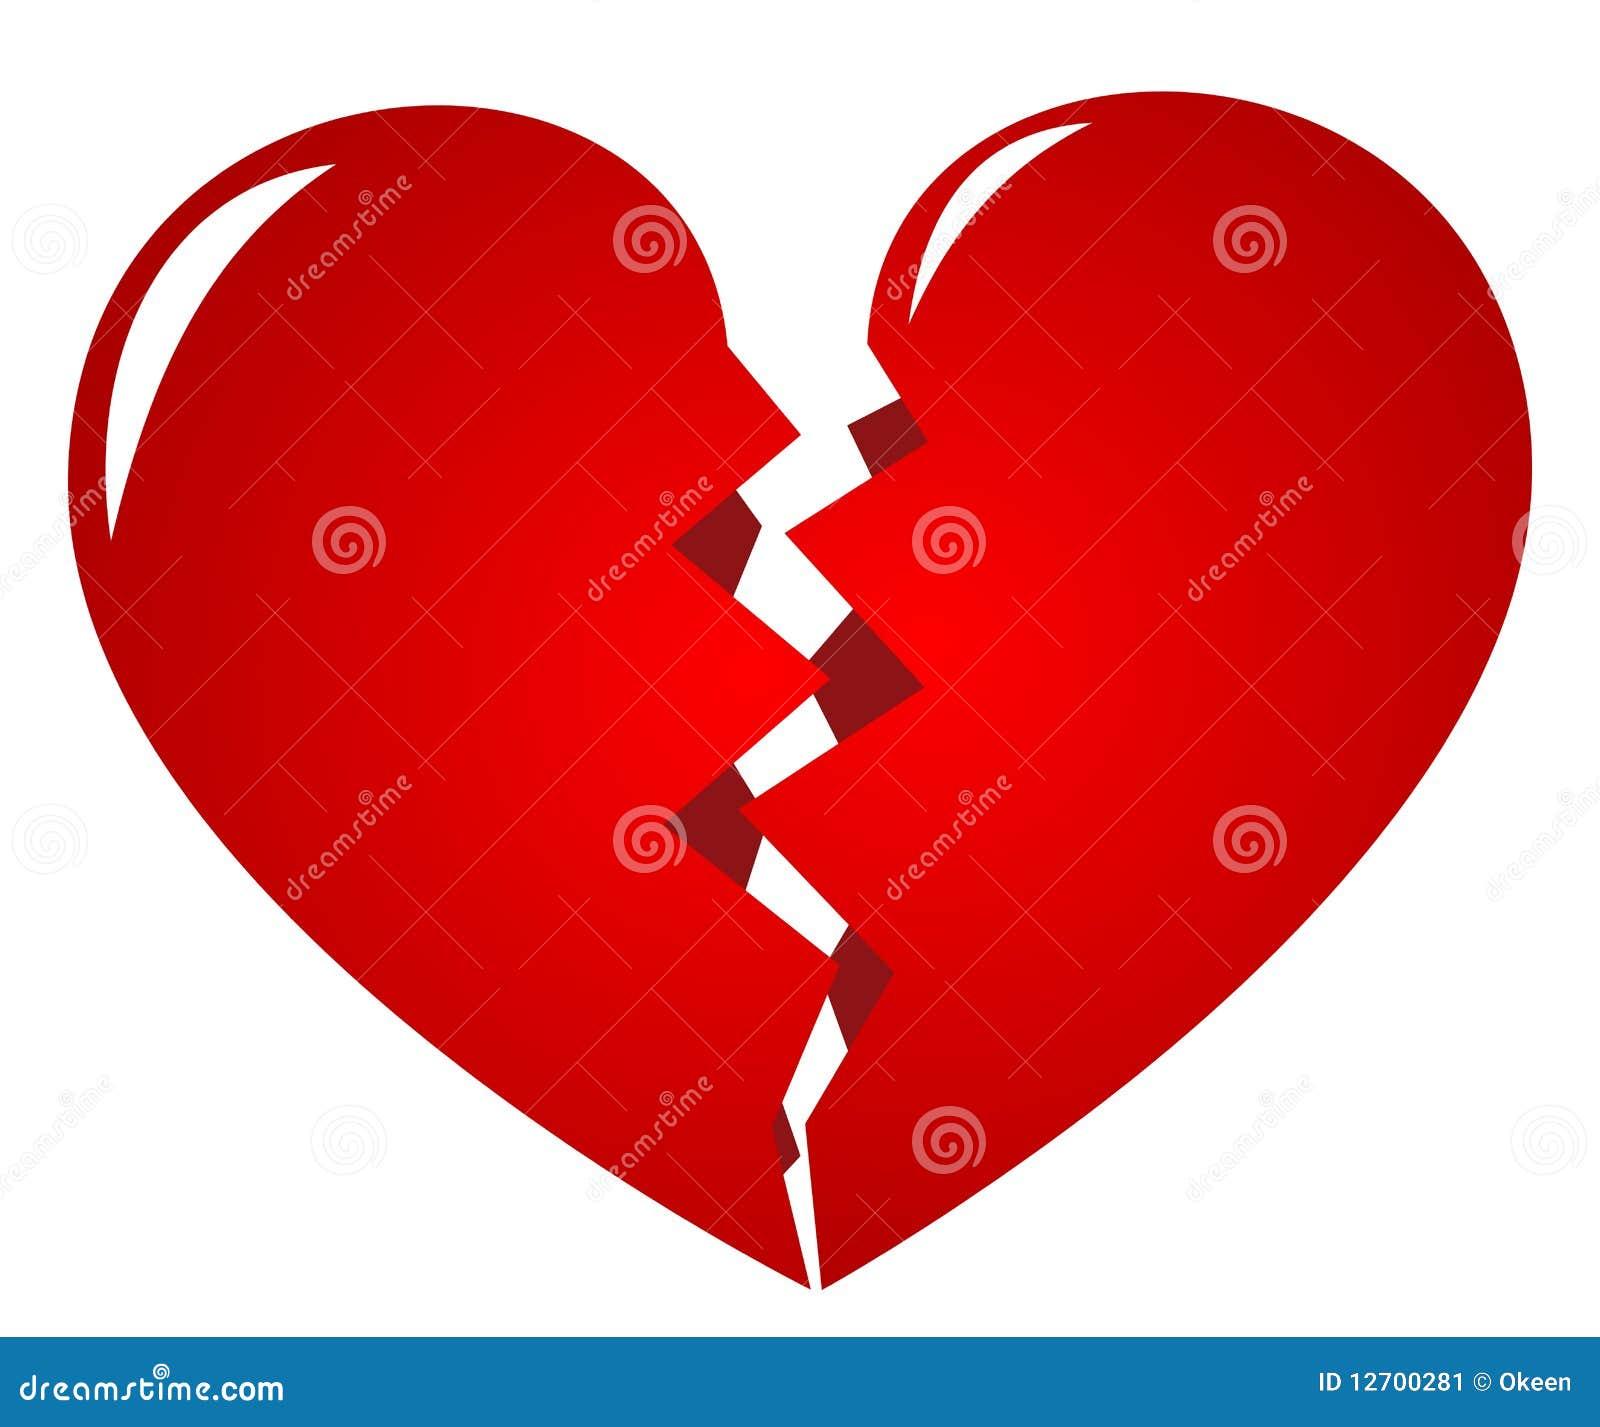 Broken Heart Stock Vector Illustration Of Cupid Emotion 12700281